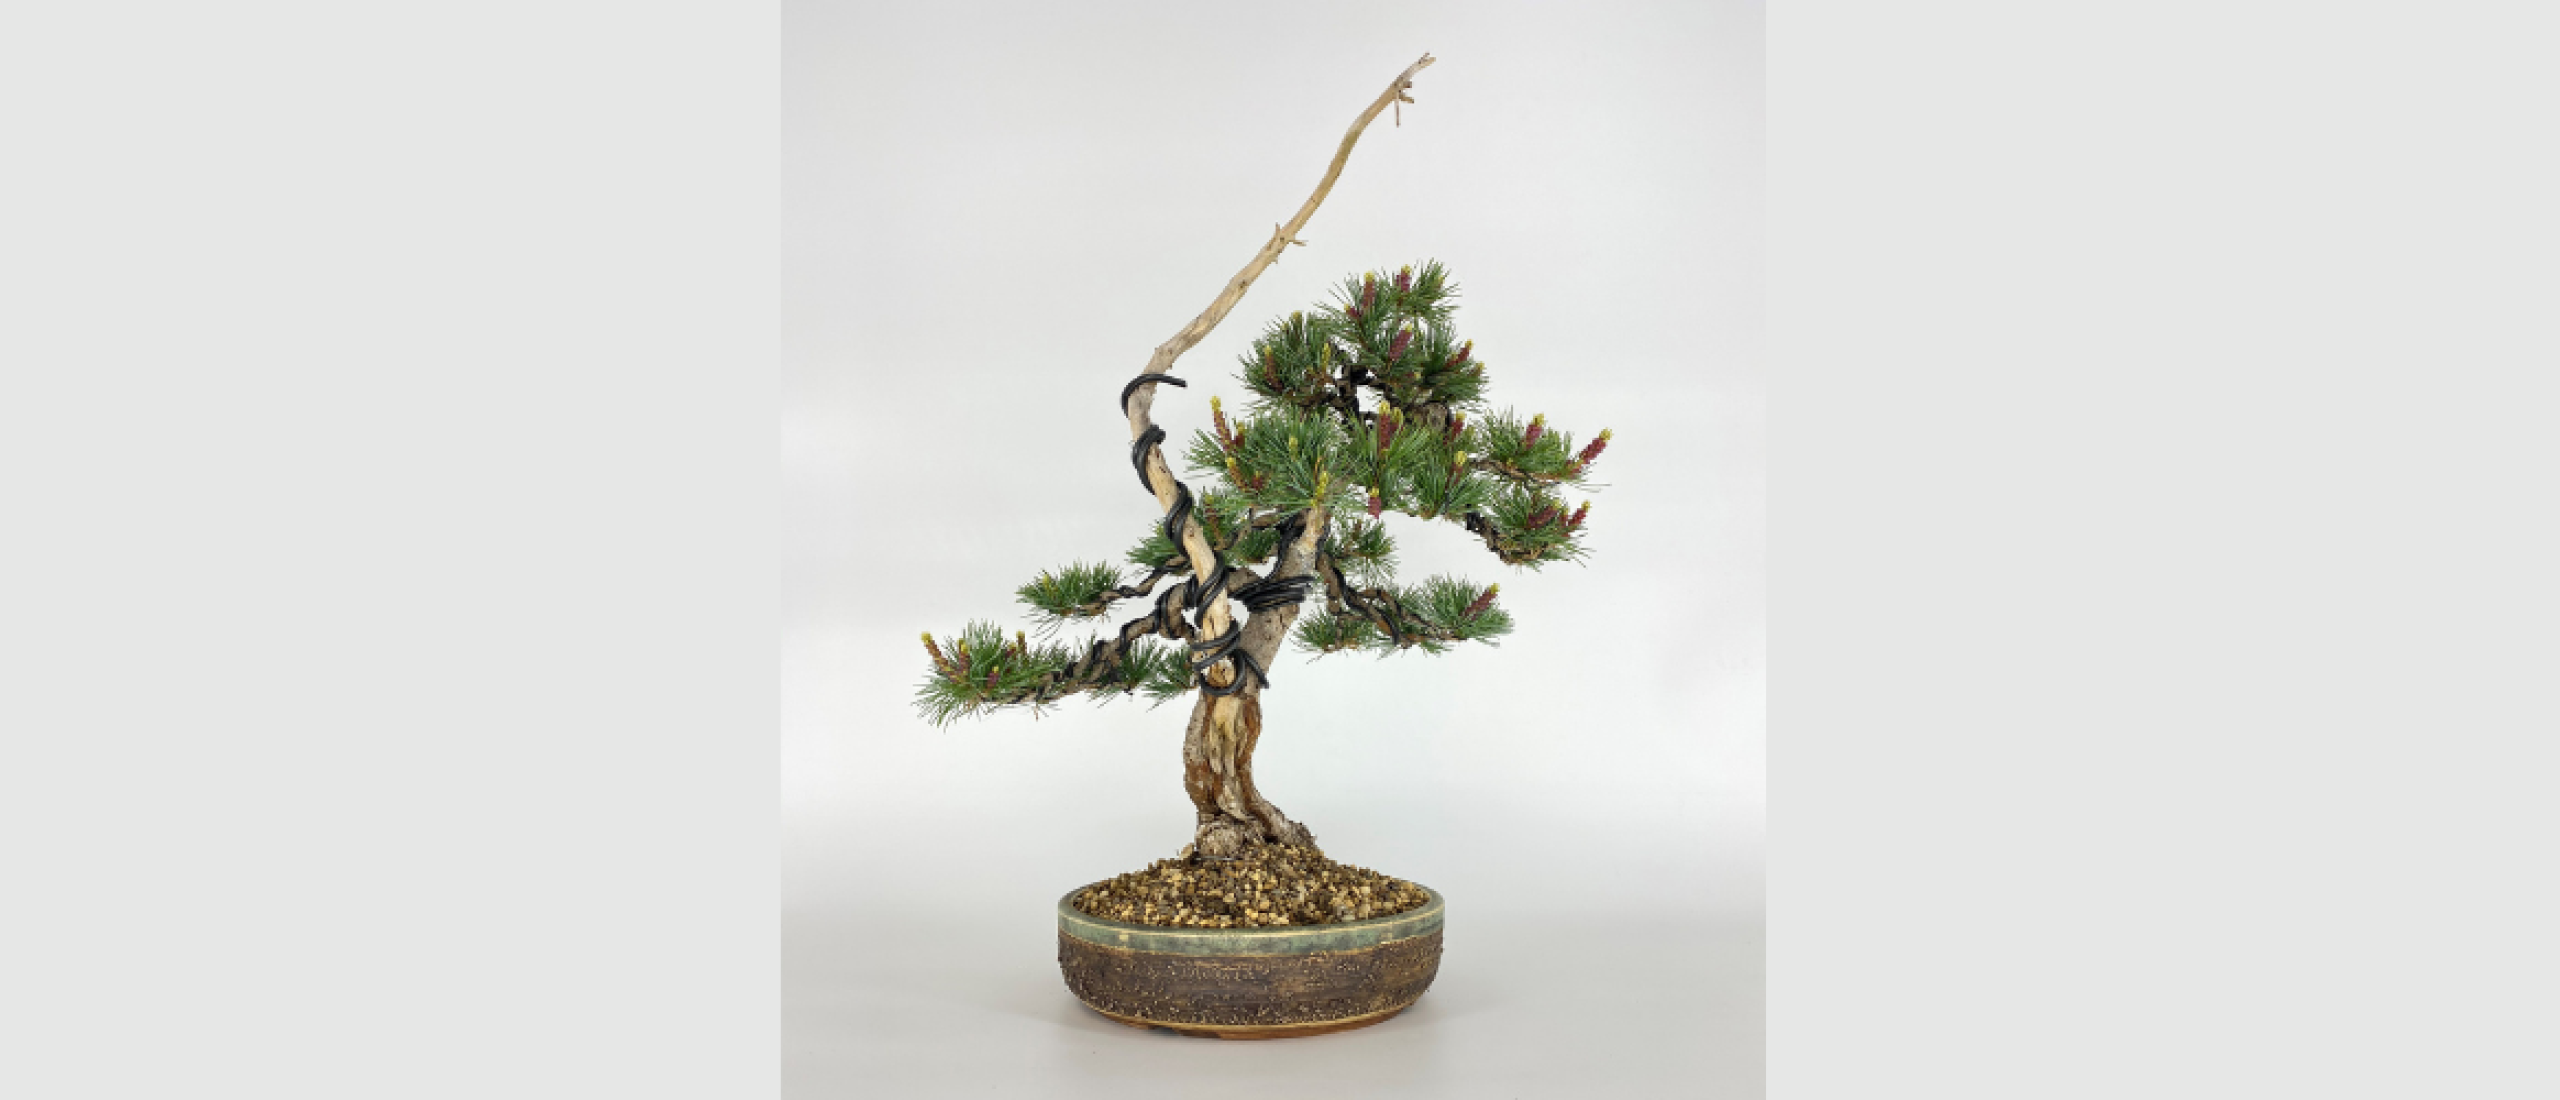 Hoe verdeel je de energie in een bonsai witte den?